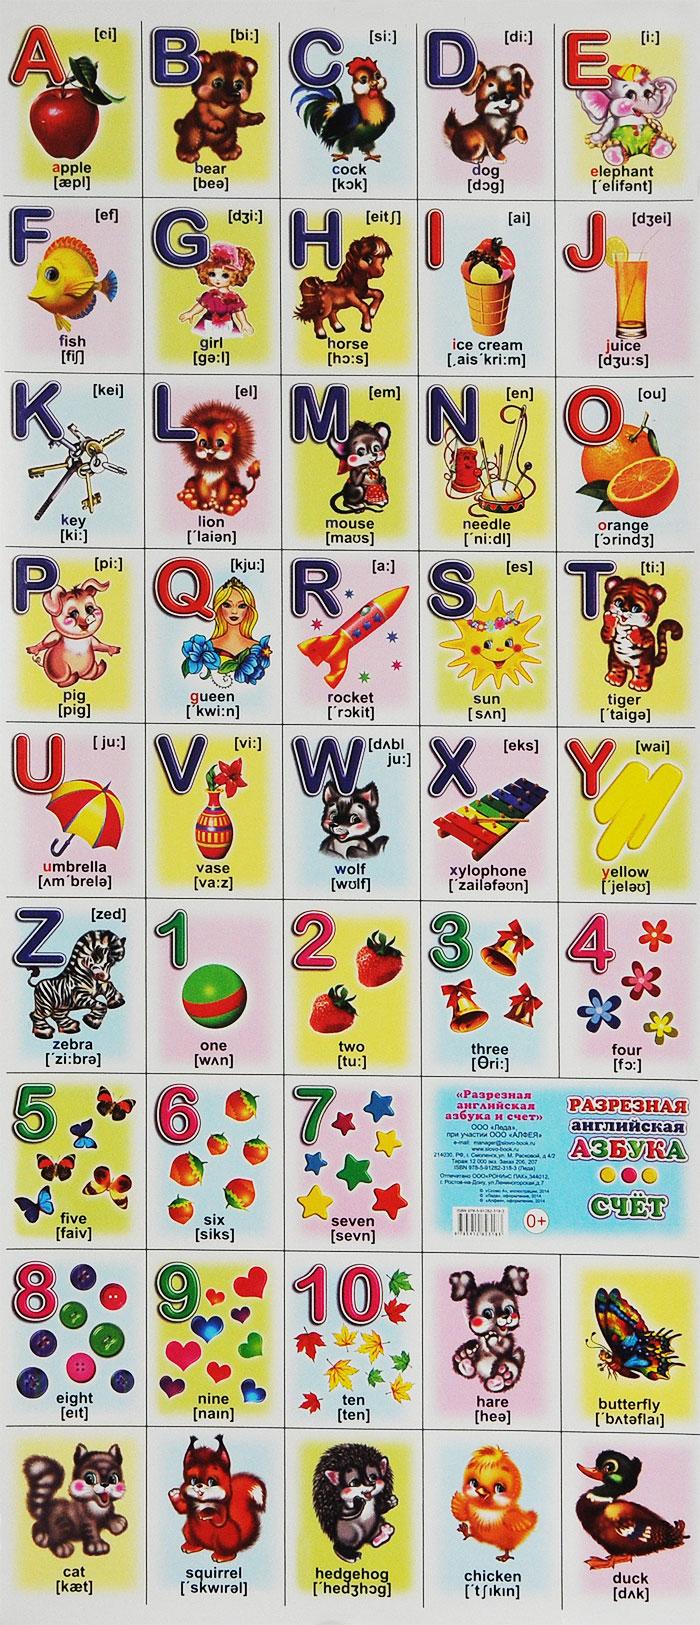 Разрезная английская азбука и счет. Плакат